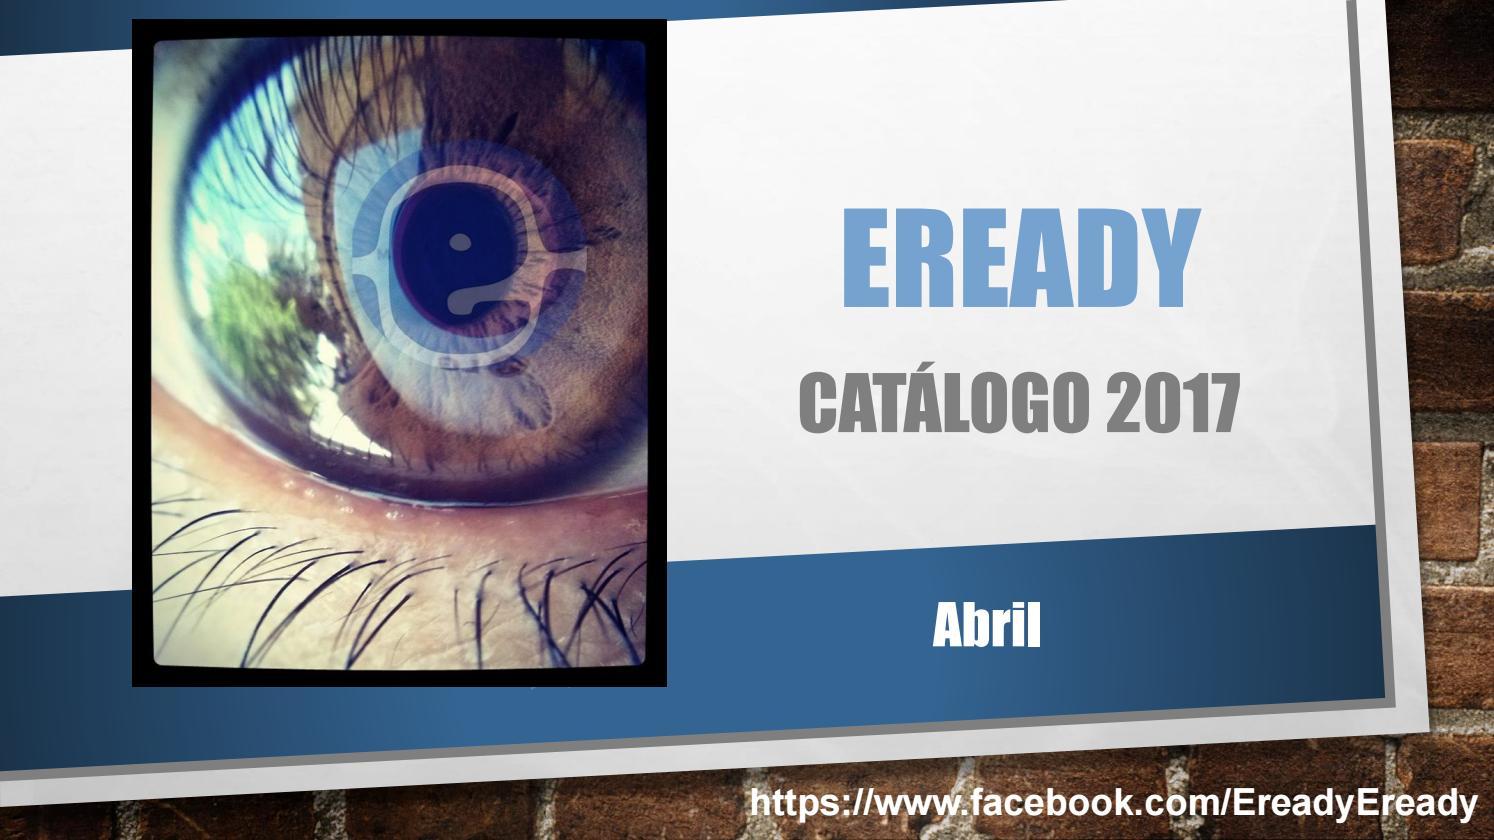 68cea5e4f46 Catálogo eready abril 2017 by Eready Eready - issuu